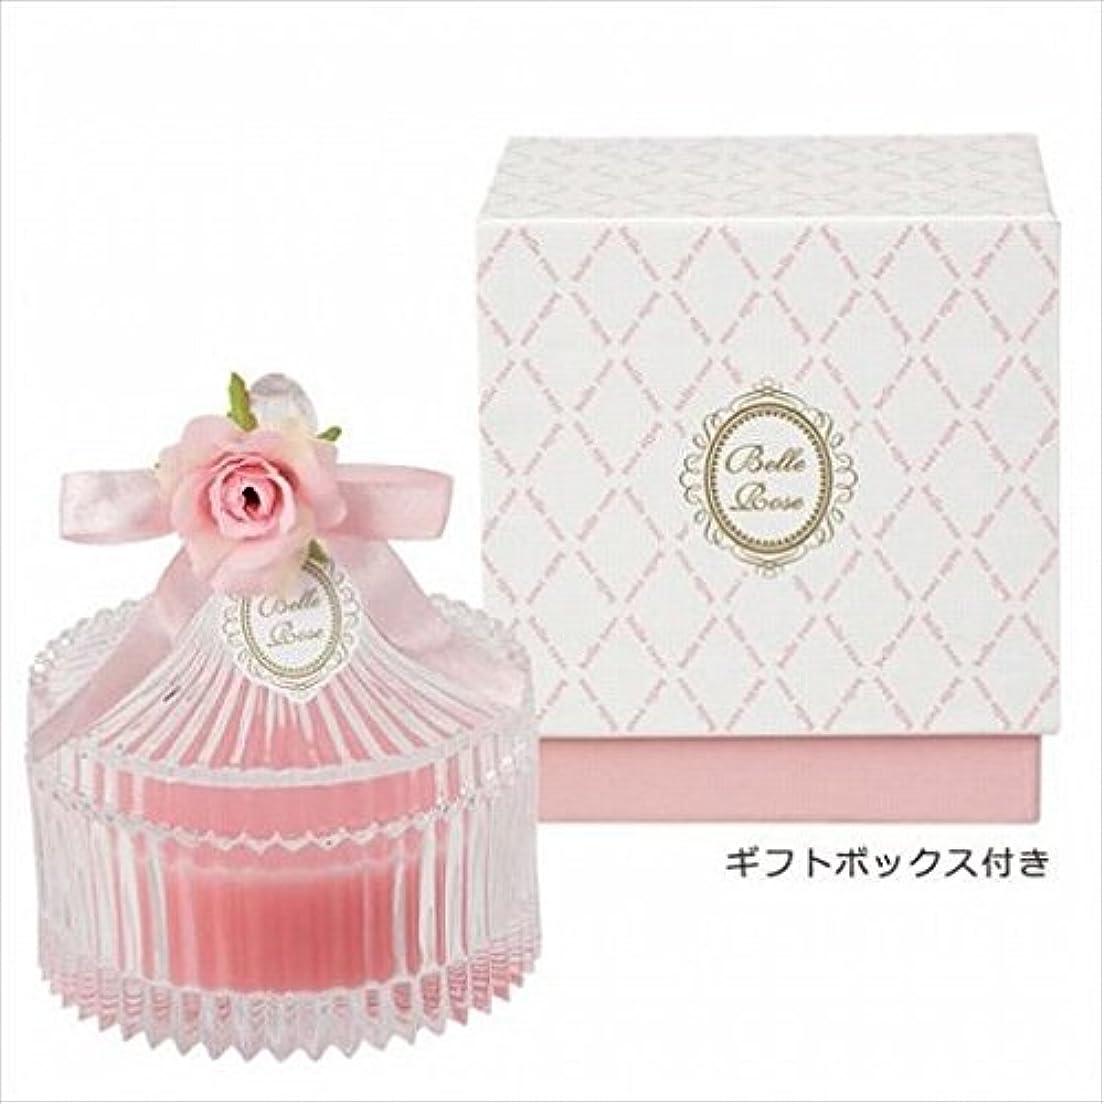 ロシア受粉者どれかkameyama candle(カメヤマキャンドル) ベルローズキャニスター 「 ピンク 」 キャンドル(A5920500PK)